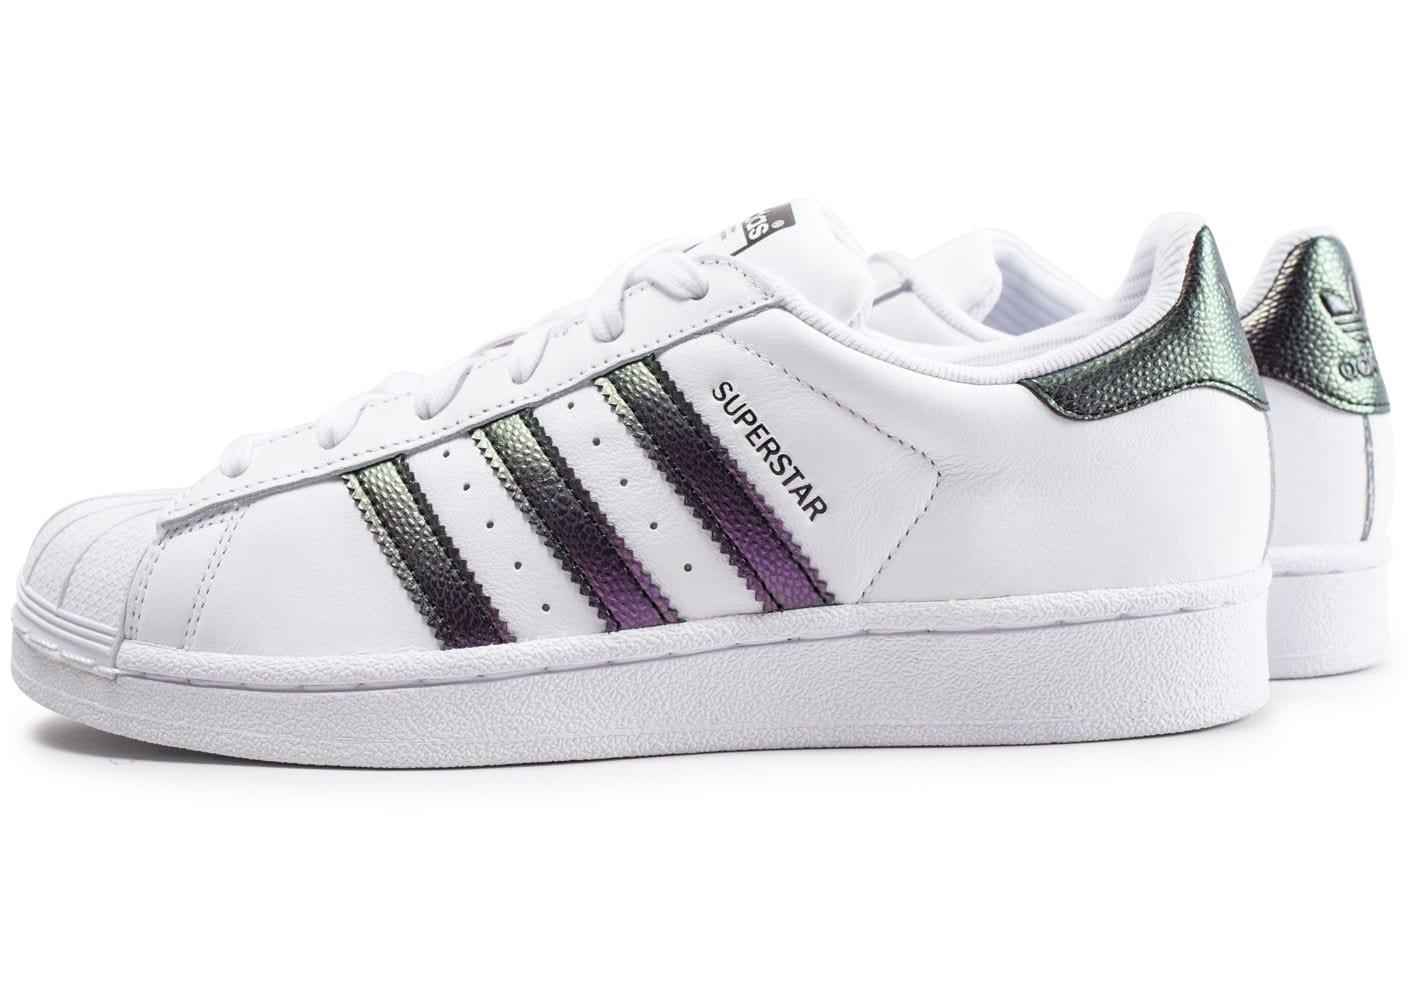 adidas superstar noir iridescent Outlet Vente Authentique